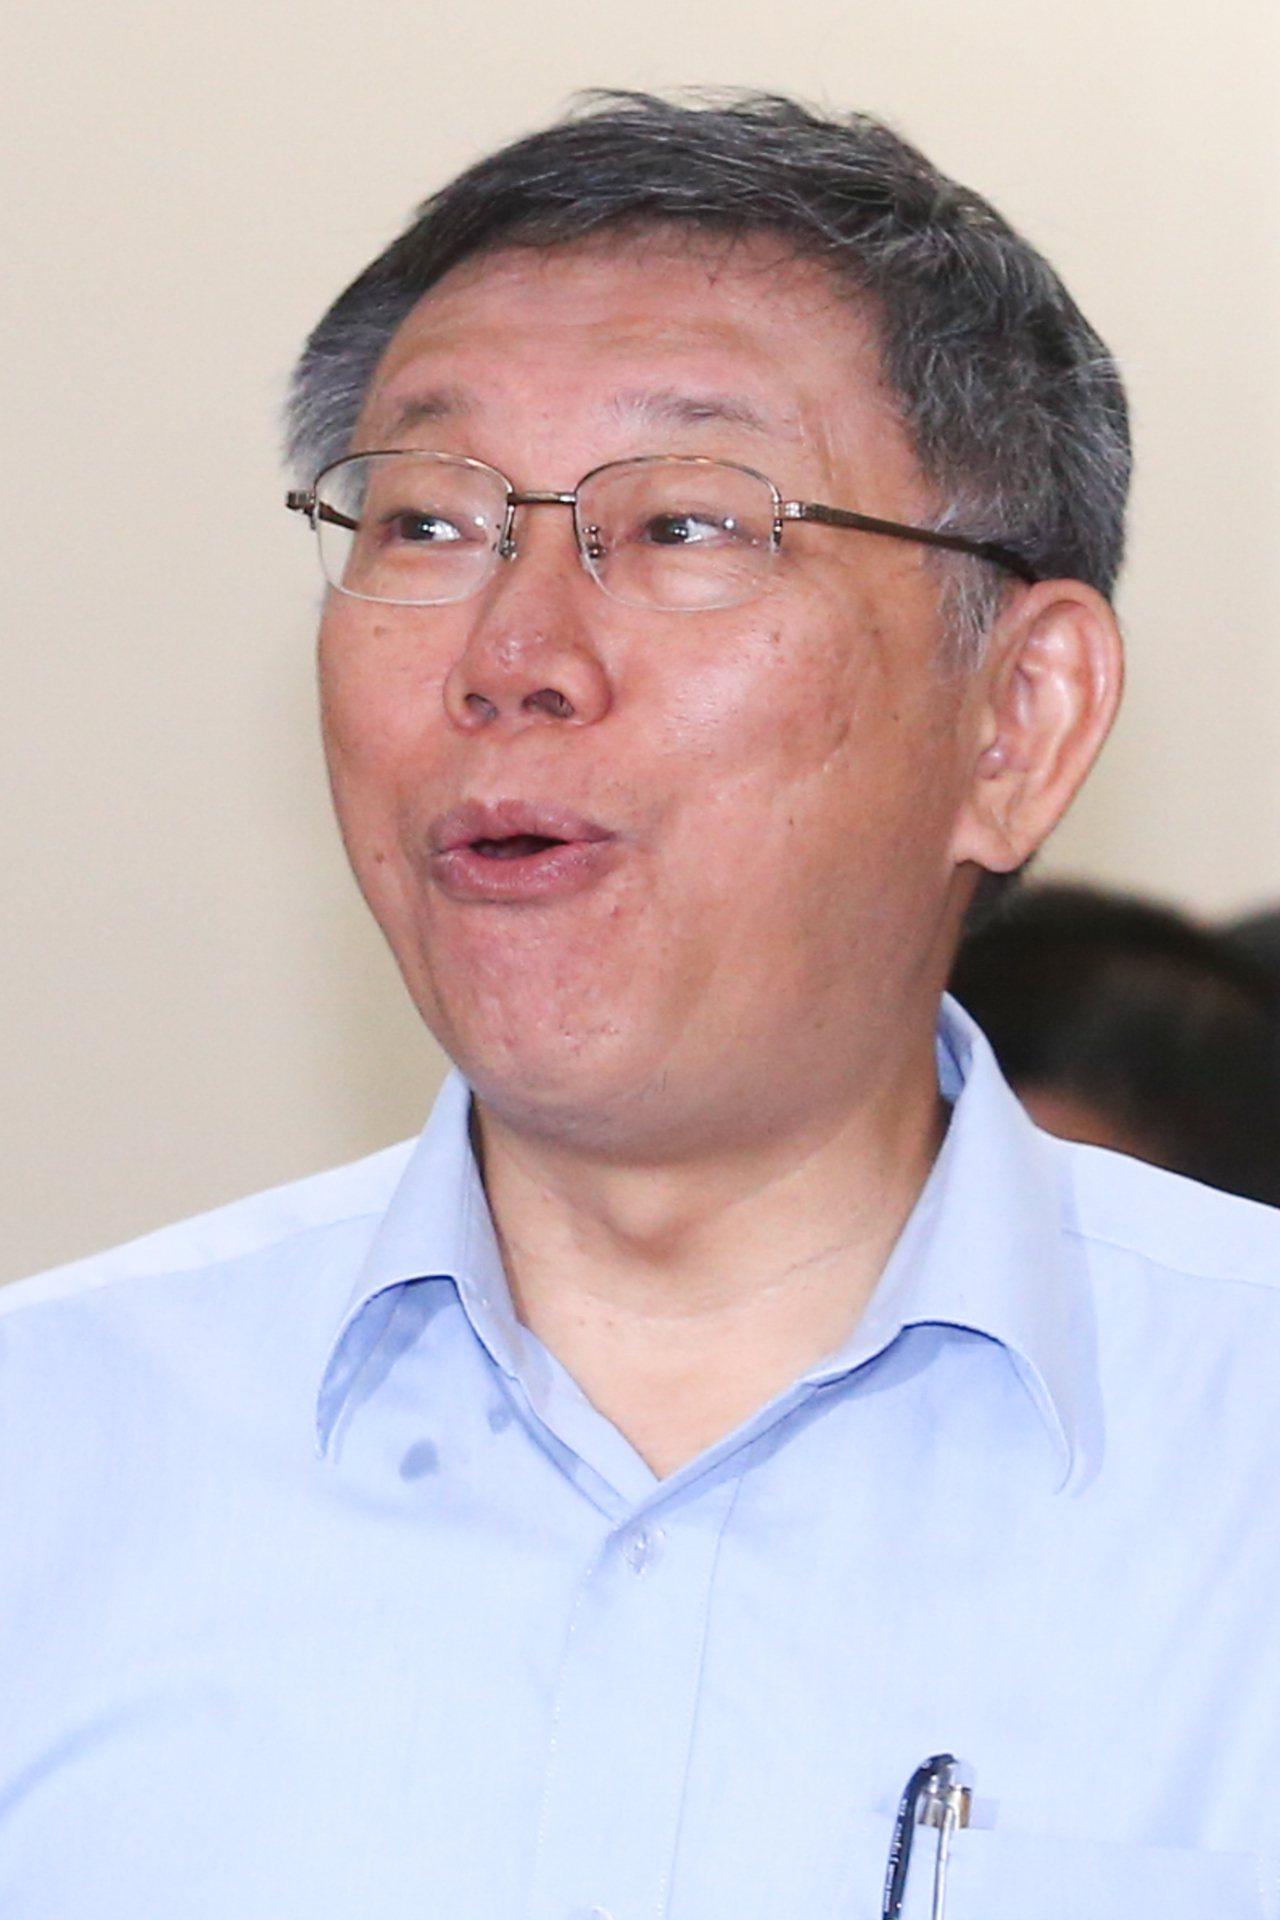 台北市長柯文哲上午舉行記者會說明將籌組「台灣民眾黨」,一進入會場看到媒體大陣仗柯...